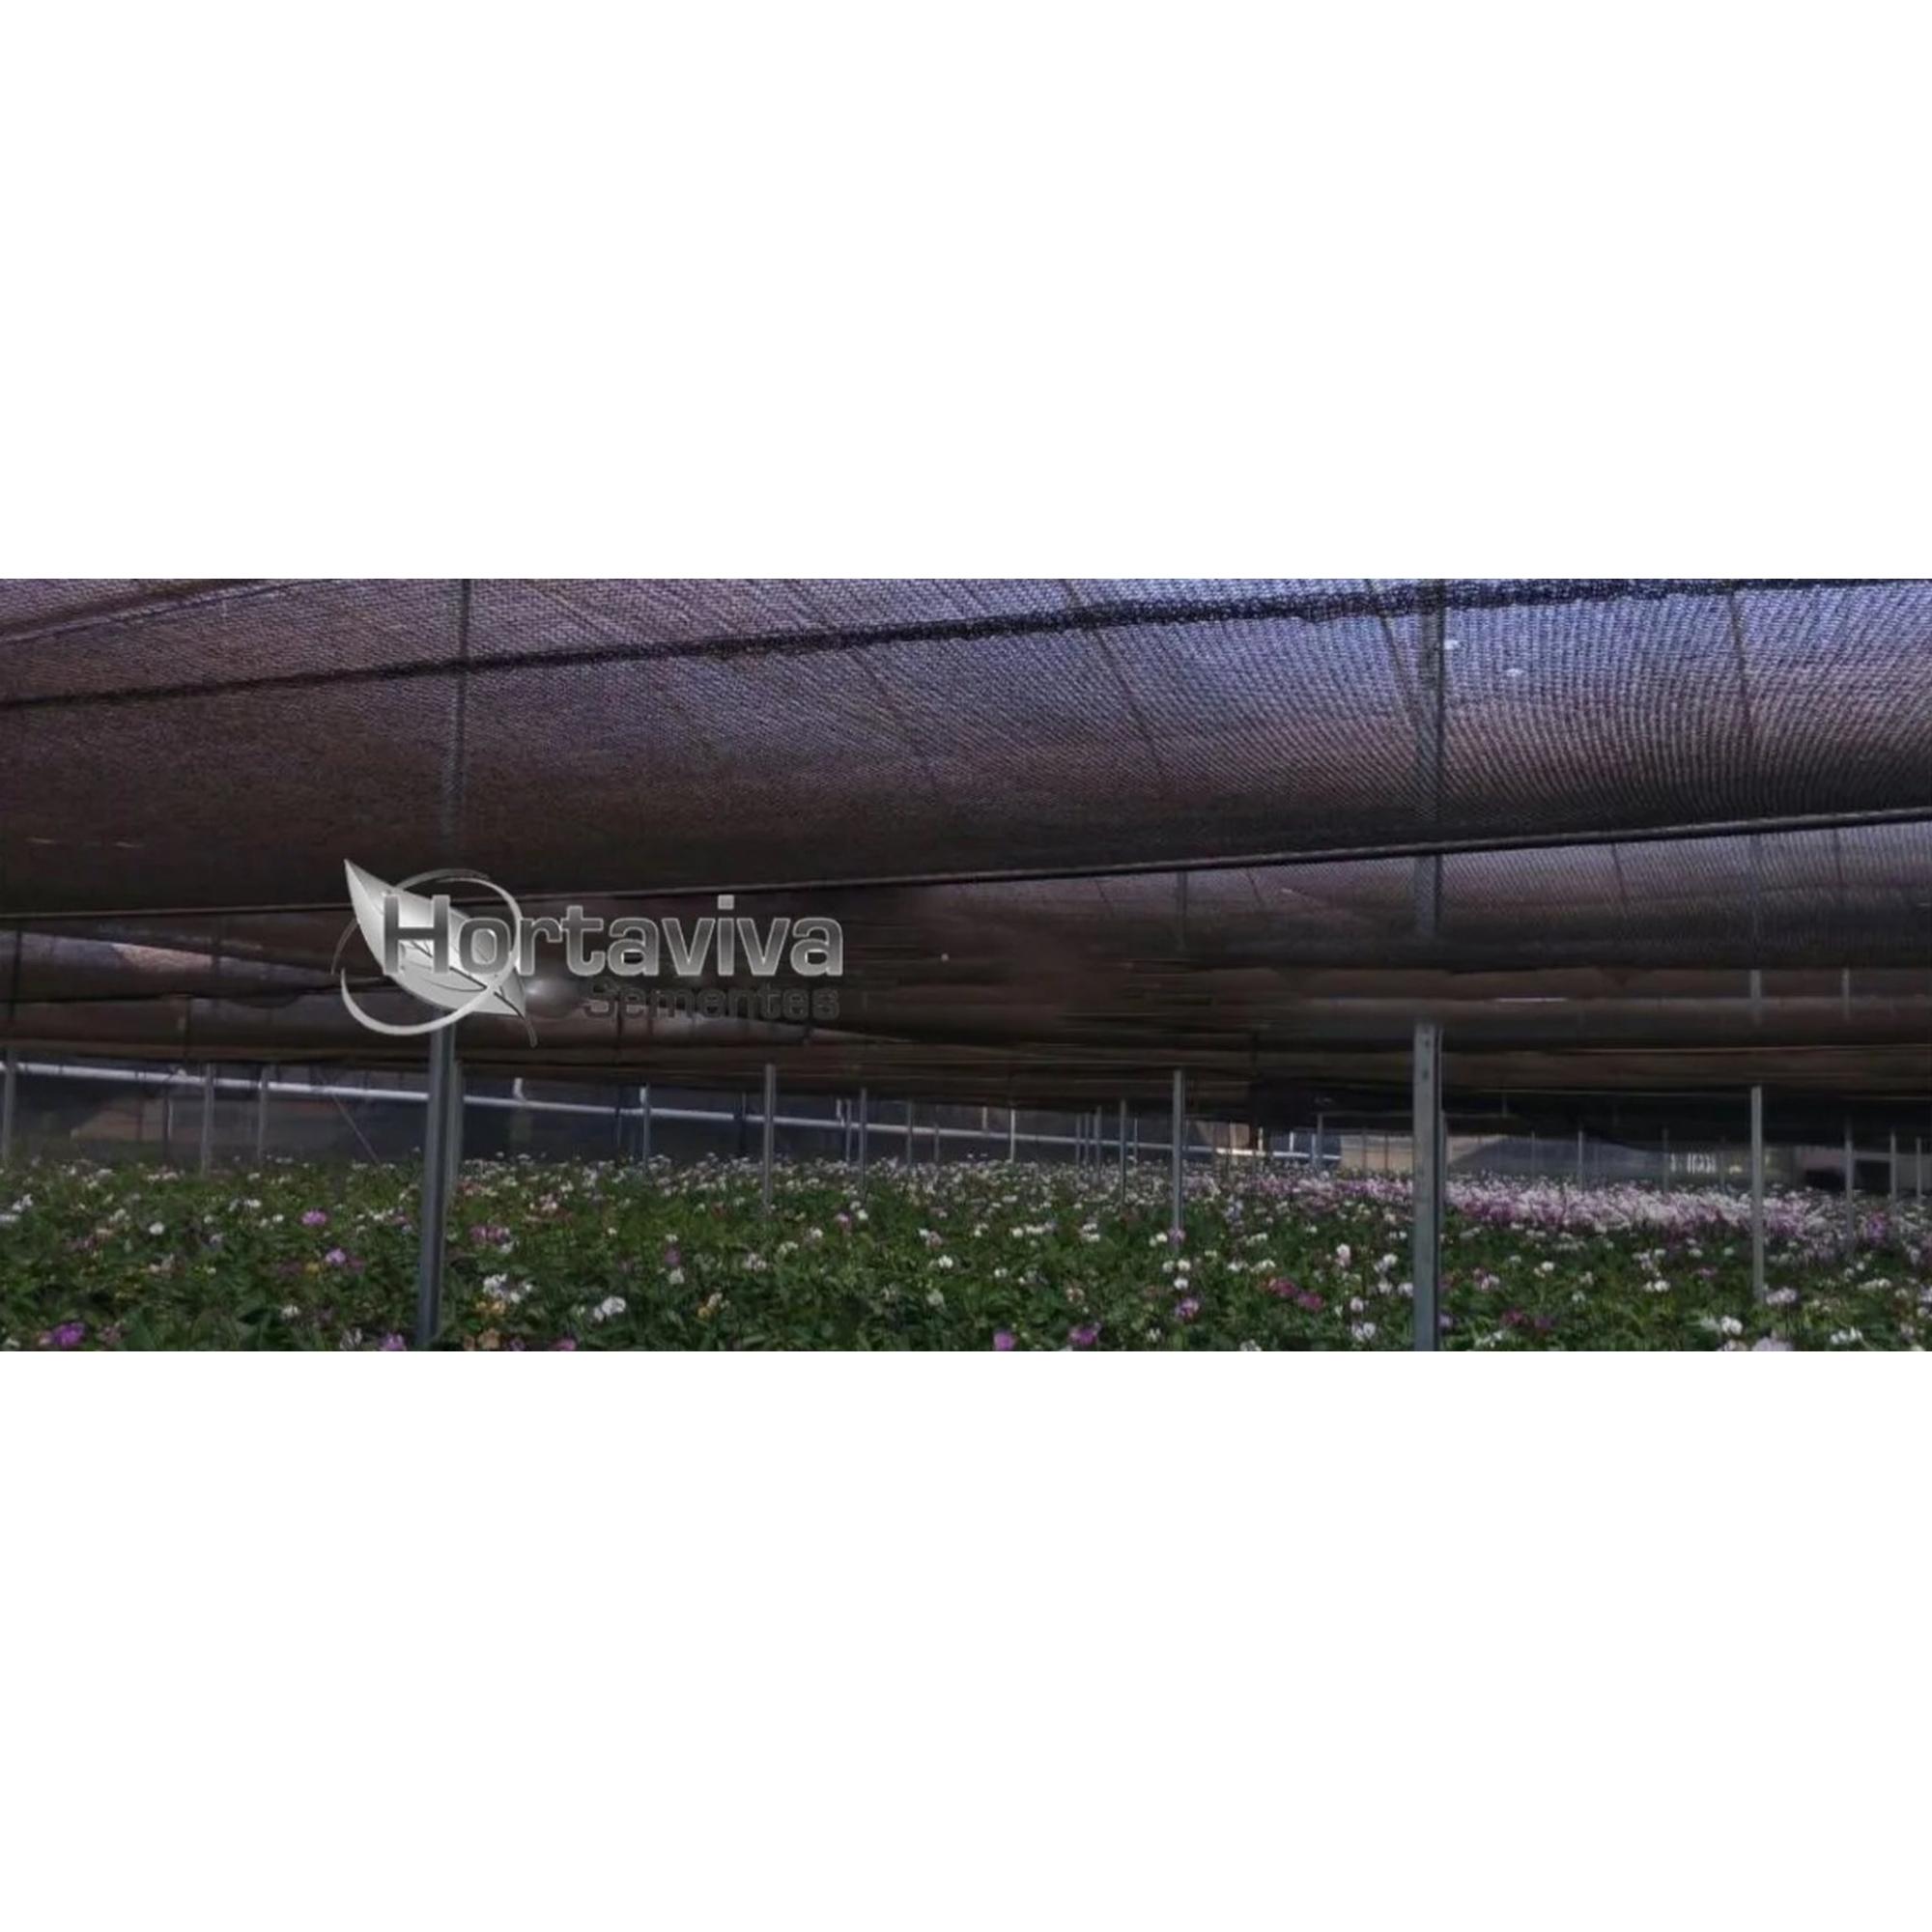 Tela de Sombreamento Preta 50% - 6 Metros x 150 Metros